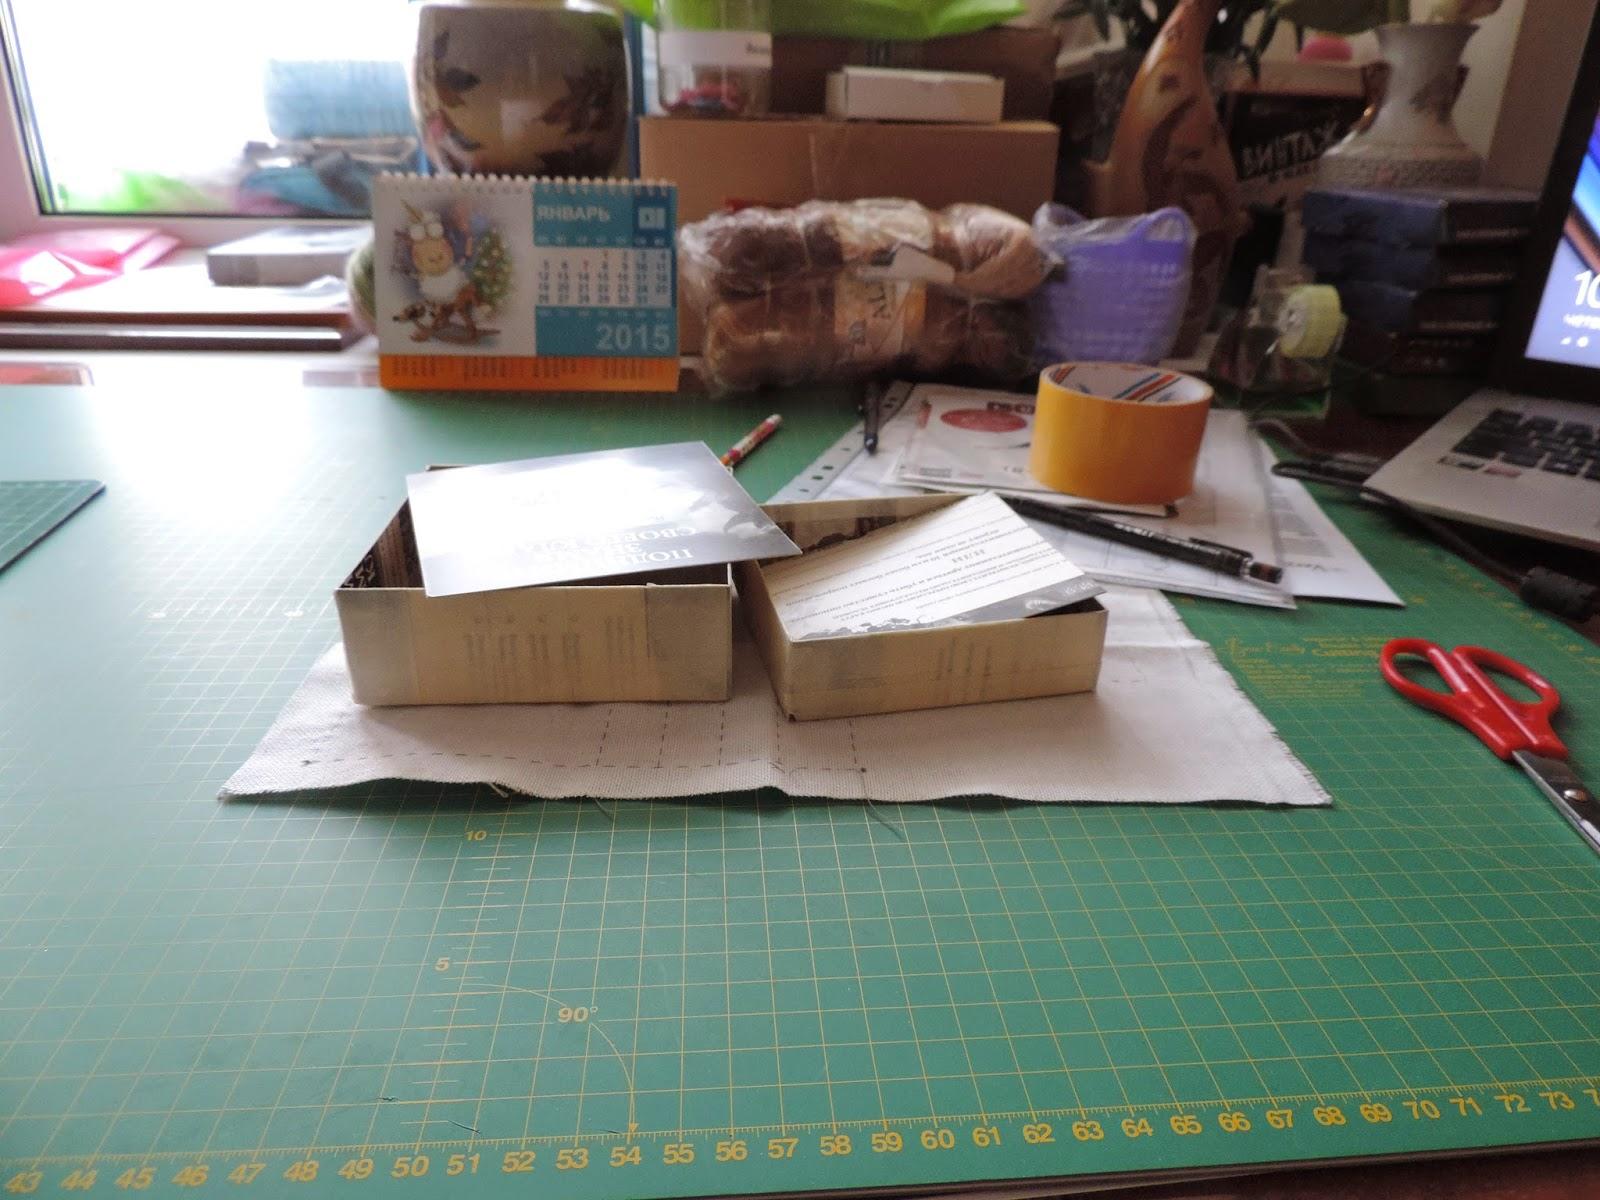 картонные заготовки, коробки из картона, картонаж